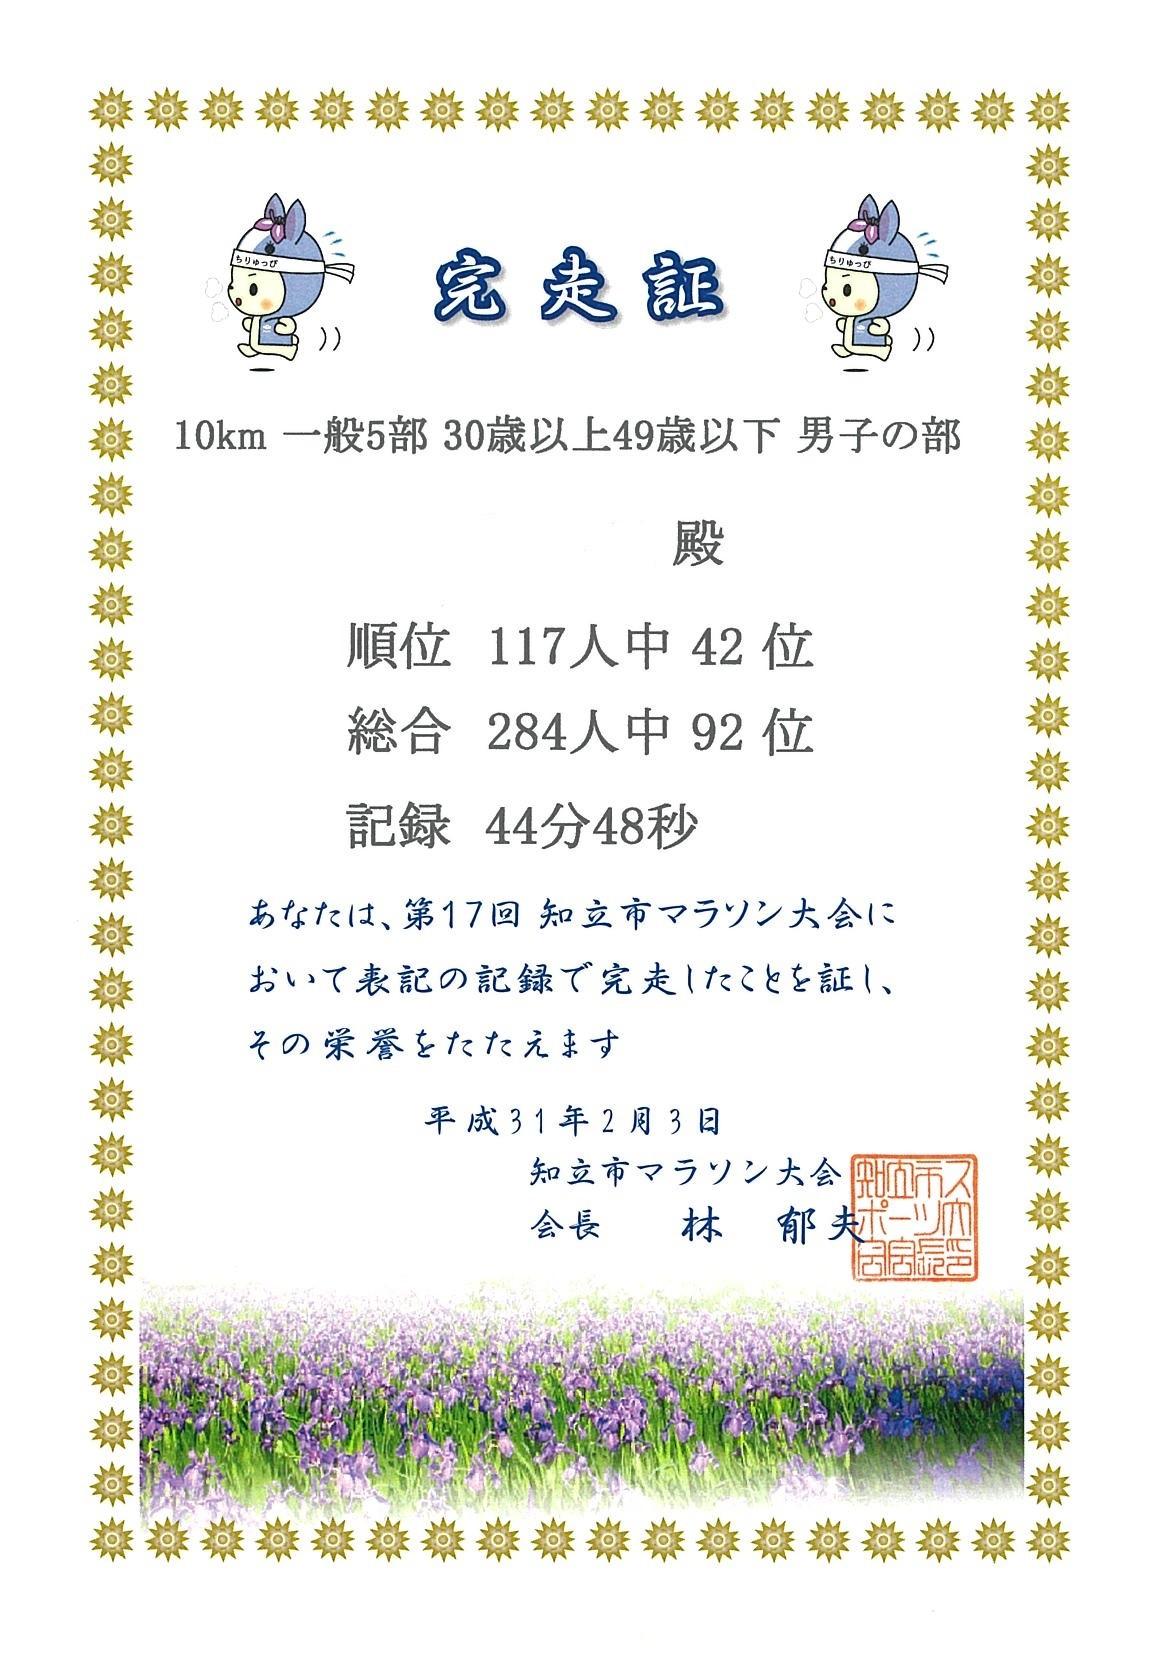 知立マラソン.jpg